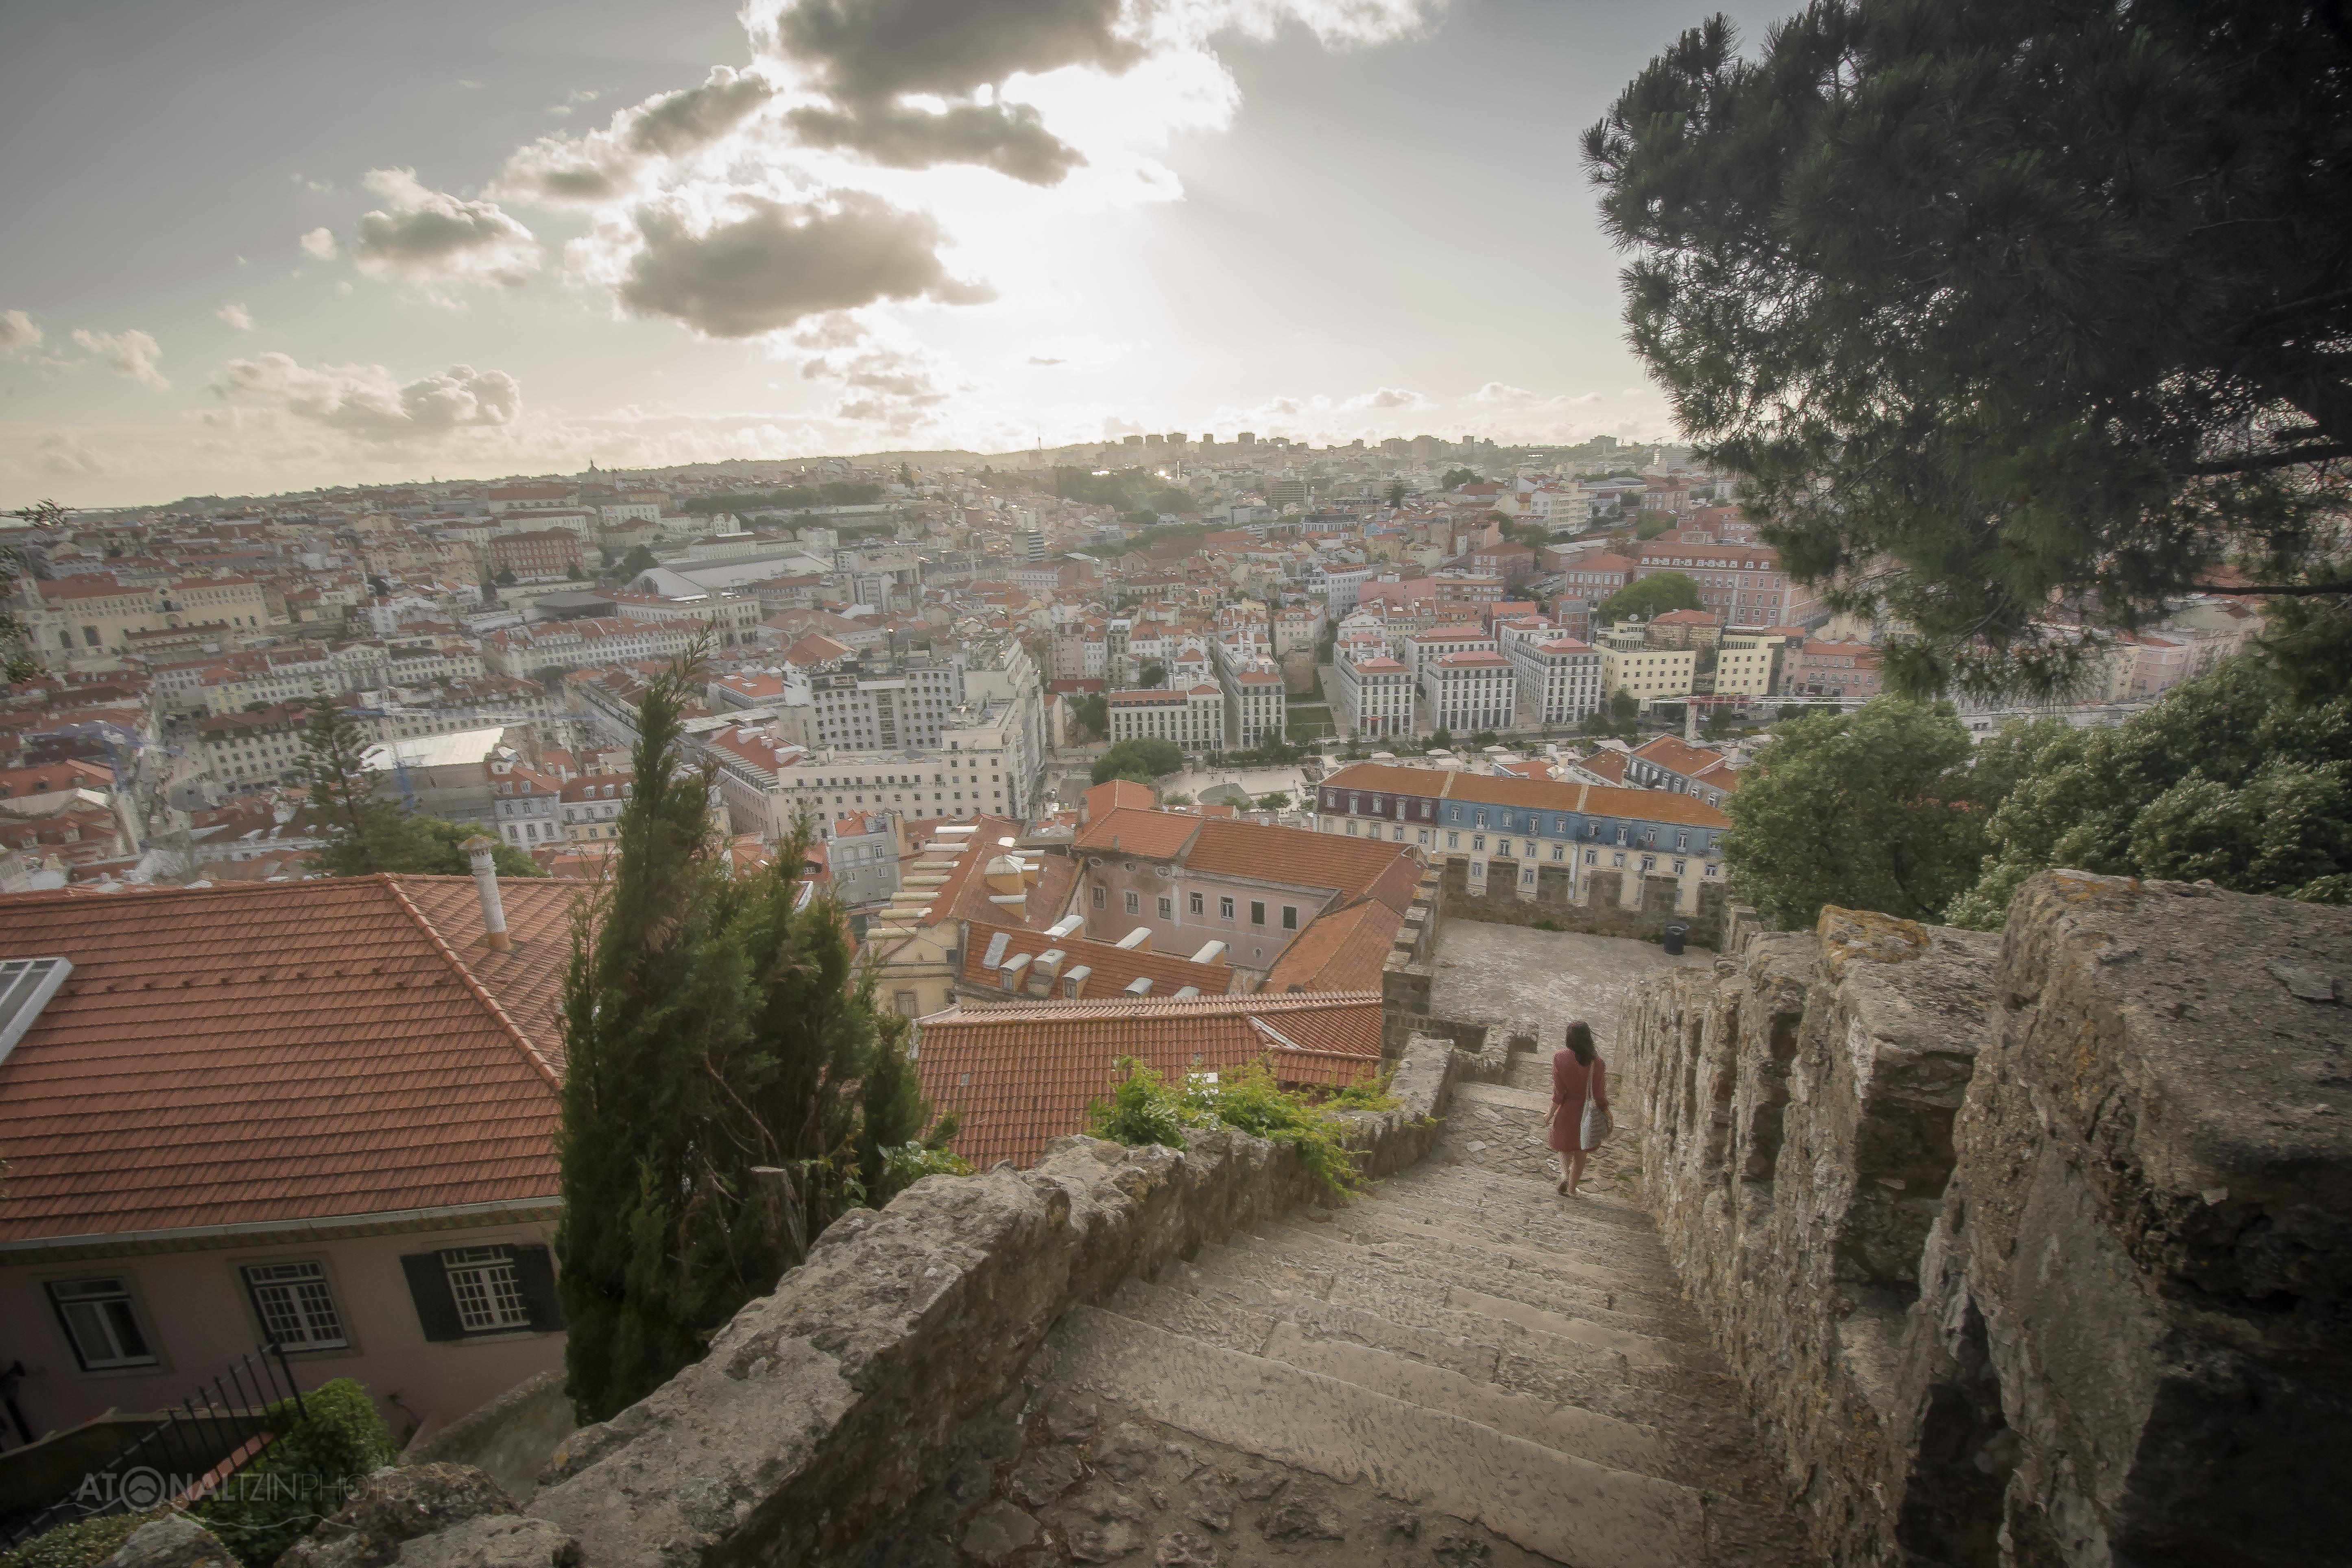 Escaleras del Castillo de San Jorge